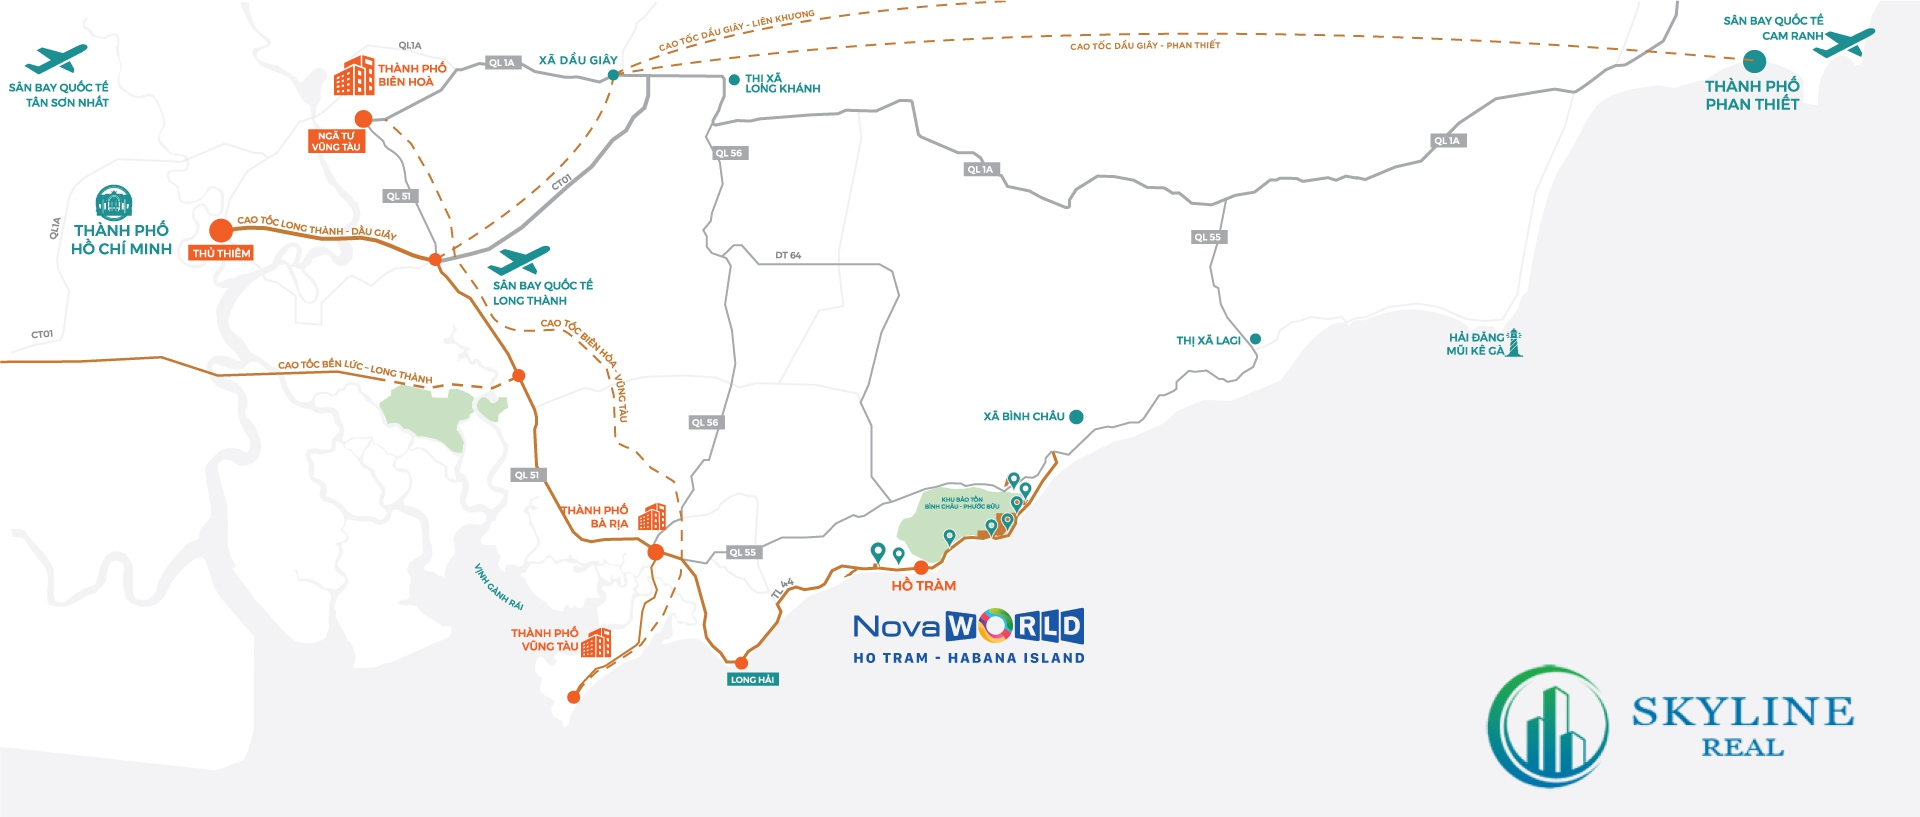 Vị trí chính xác của Habana Hồ Tràm Novaland